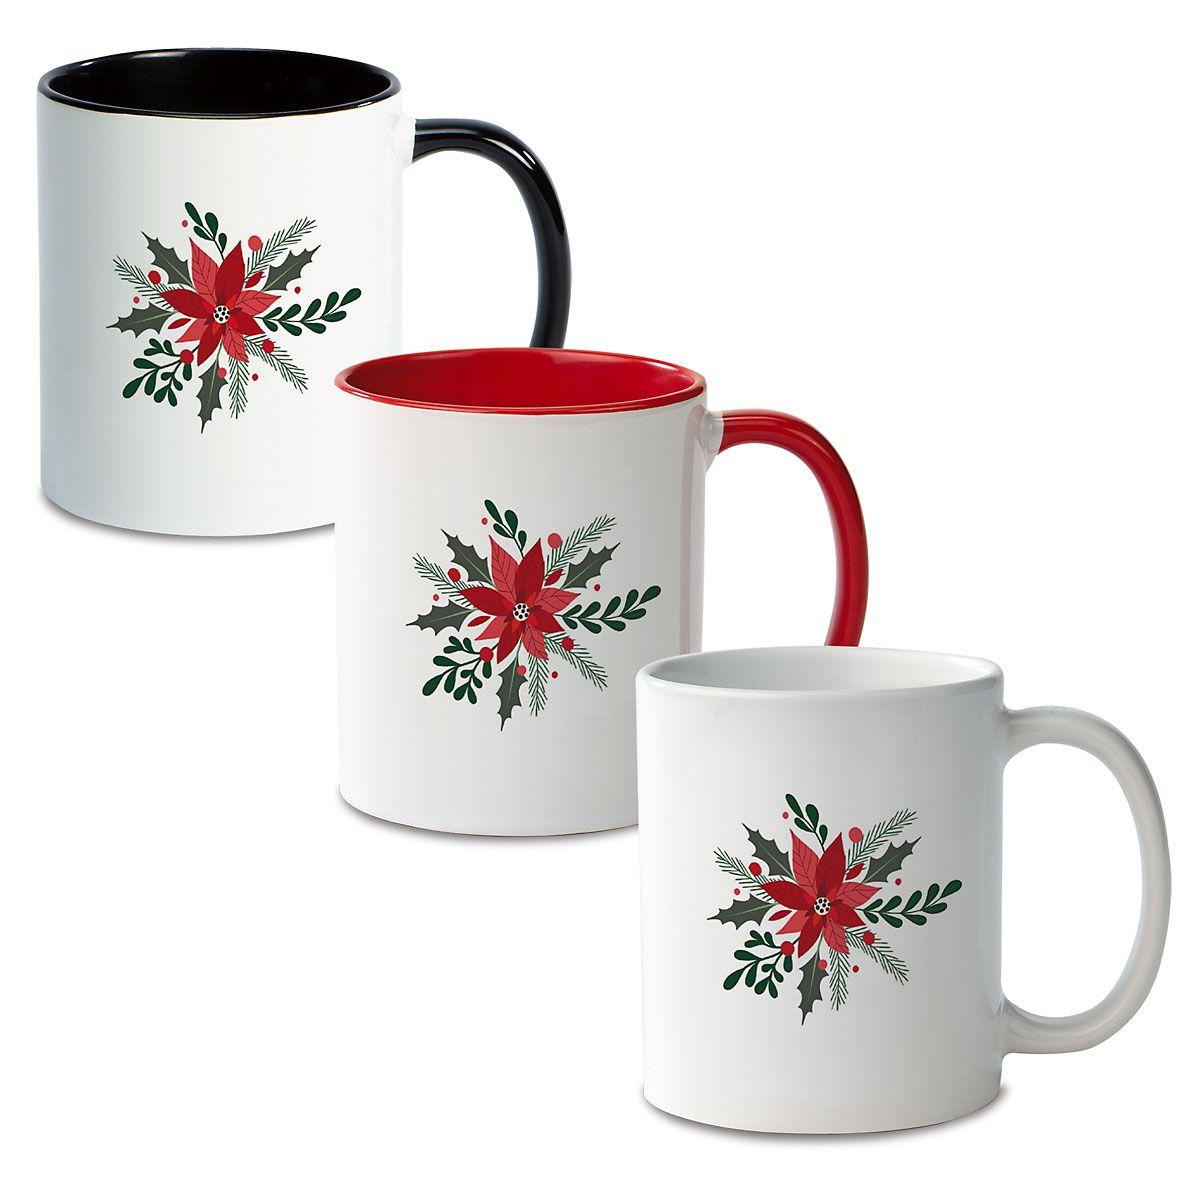 Holly Personalized Ceramic Mug